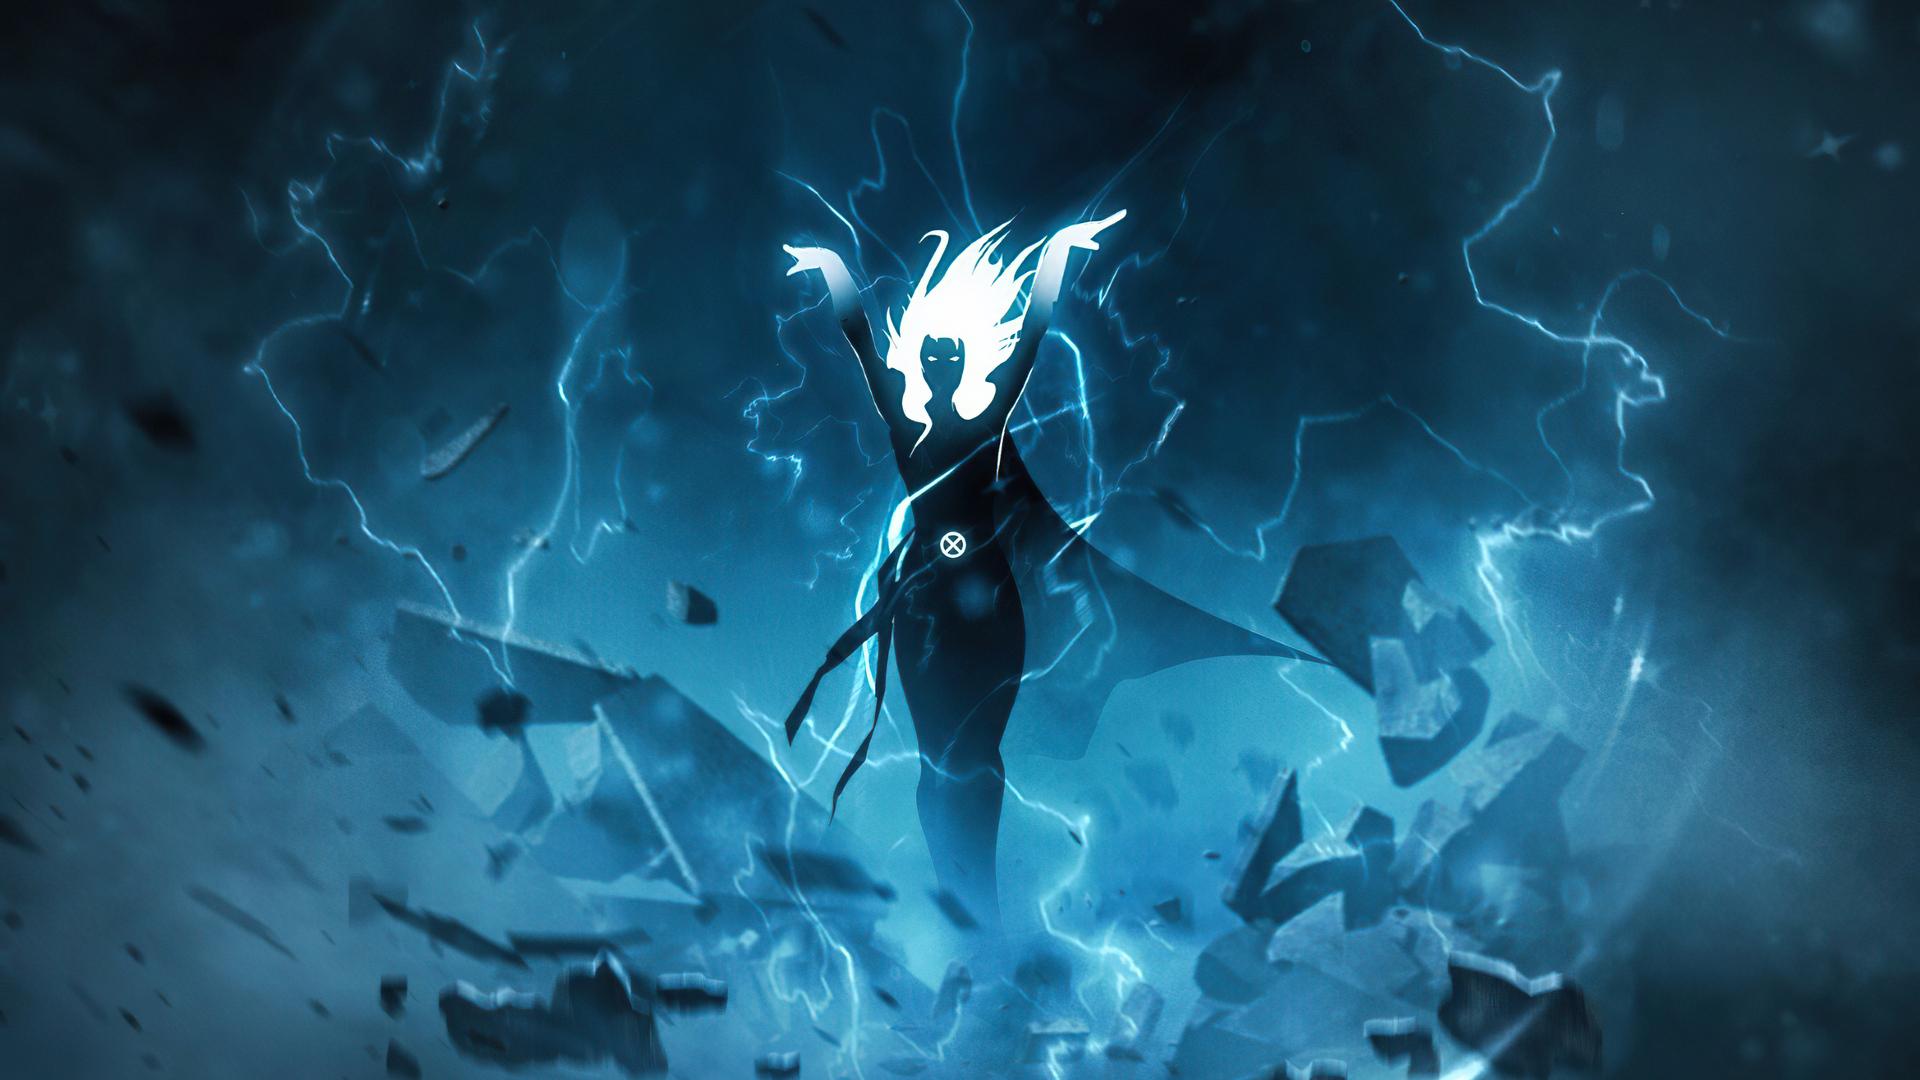 storm-fictional-superhero-4k-6y.jpg